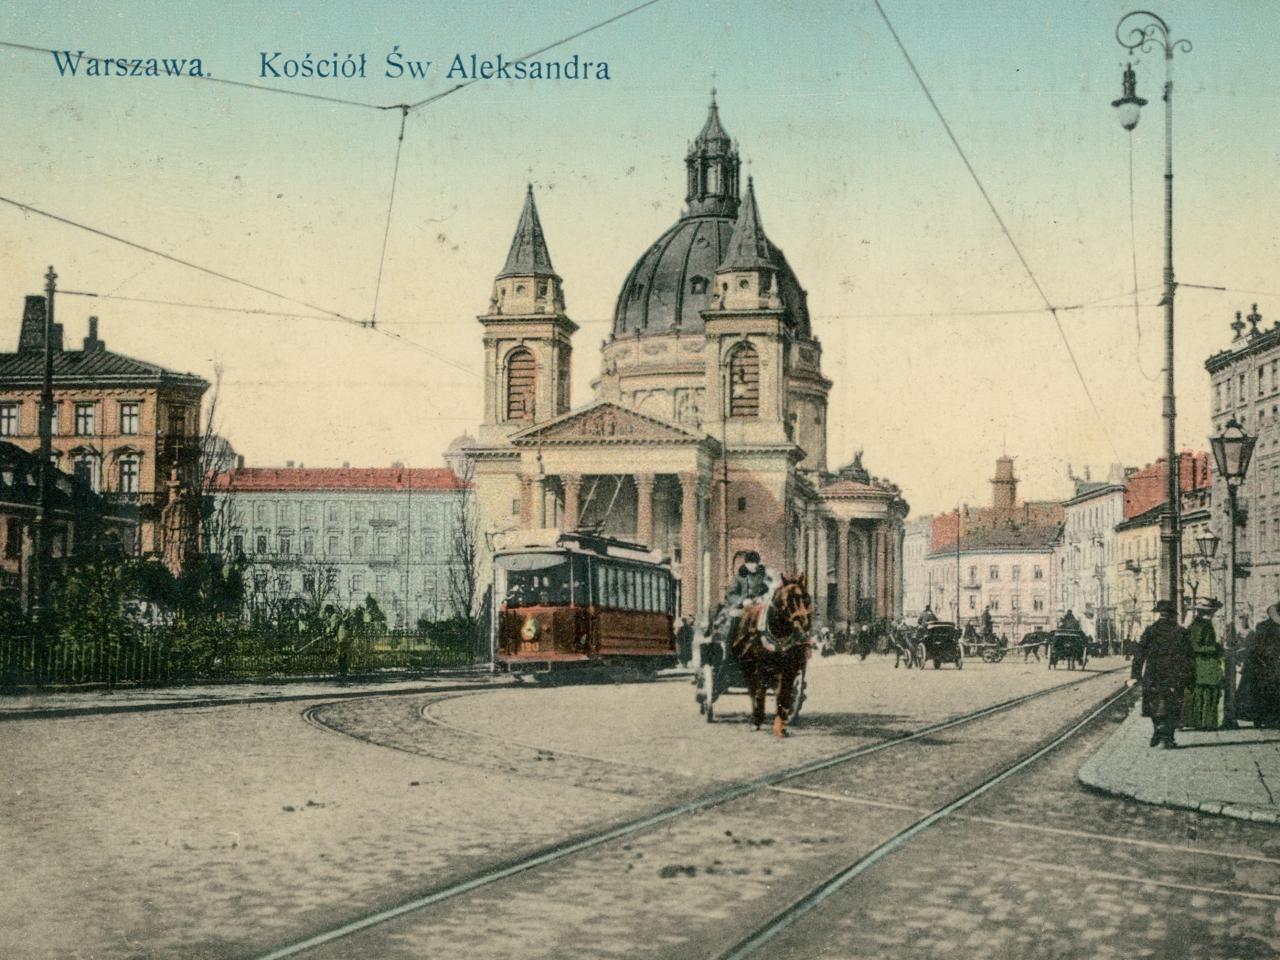 Kościół św. Aleksandra w Warszawie, rok 1915